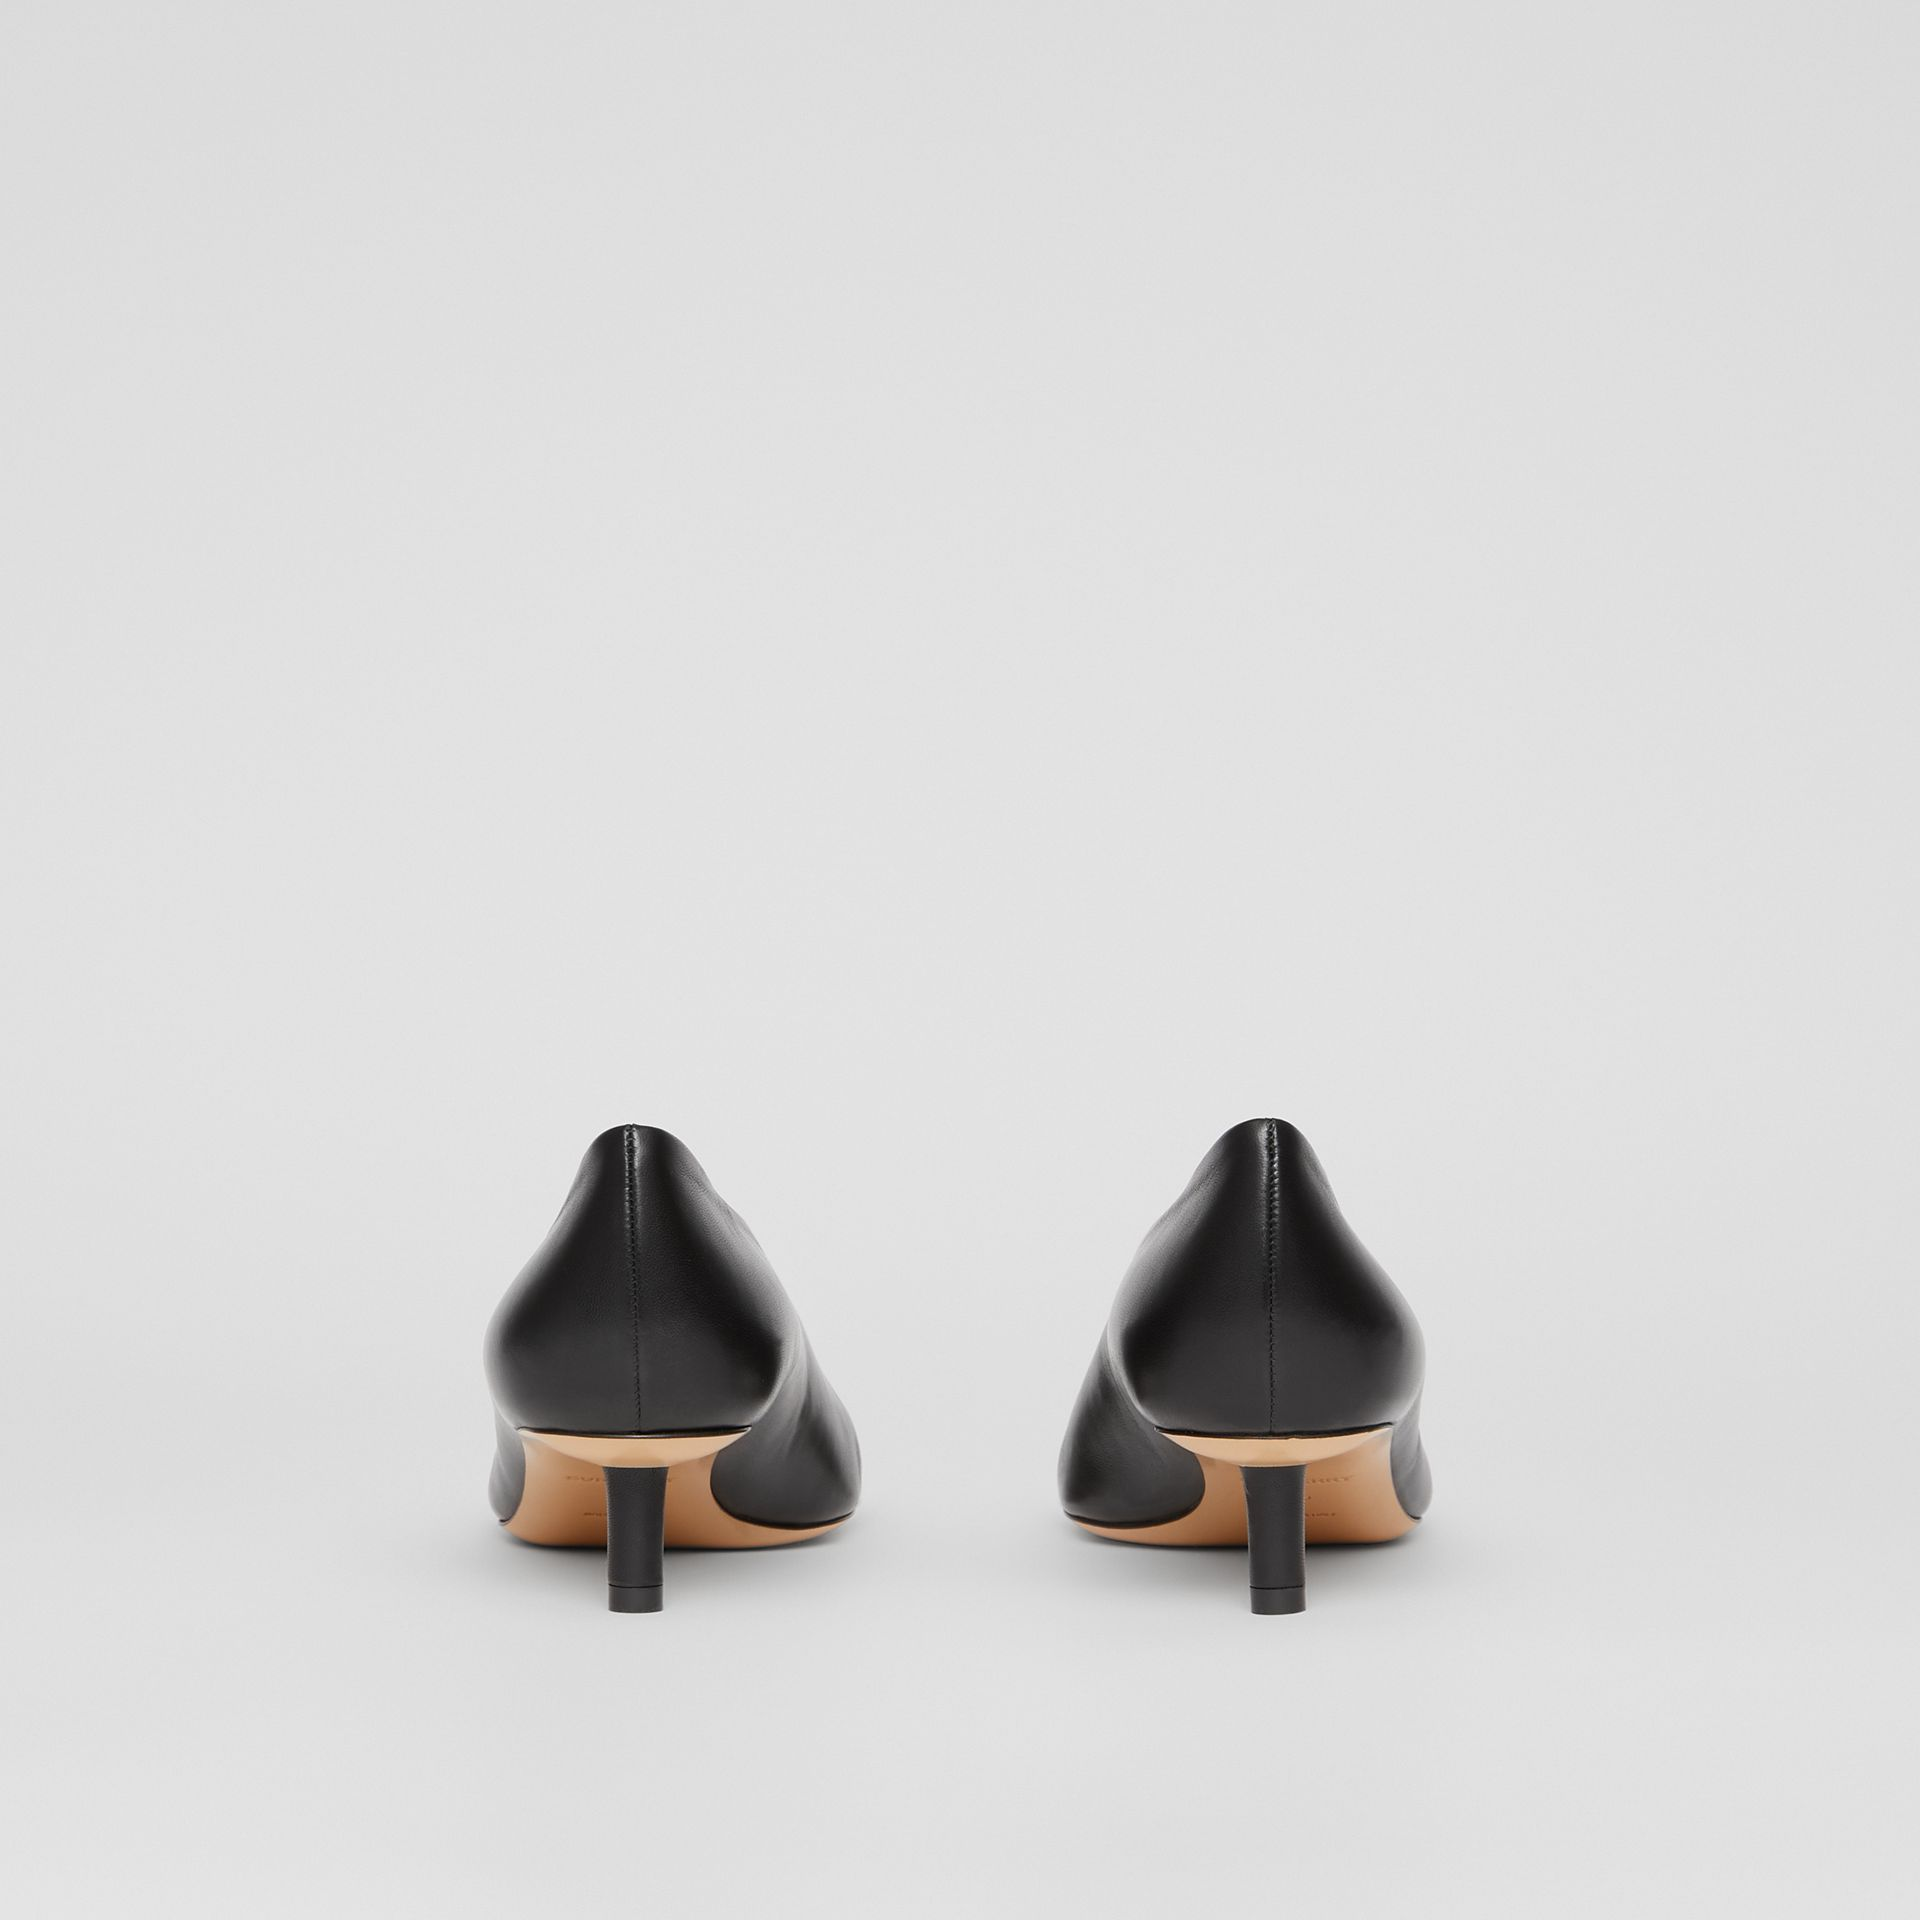 Scarpins de couro de cordeiro com salto kitten (Preto) - Mulheres   Burberry - galeria de imagens 4